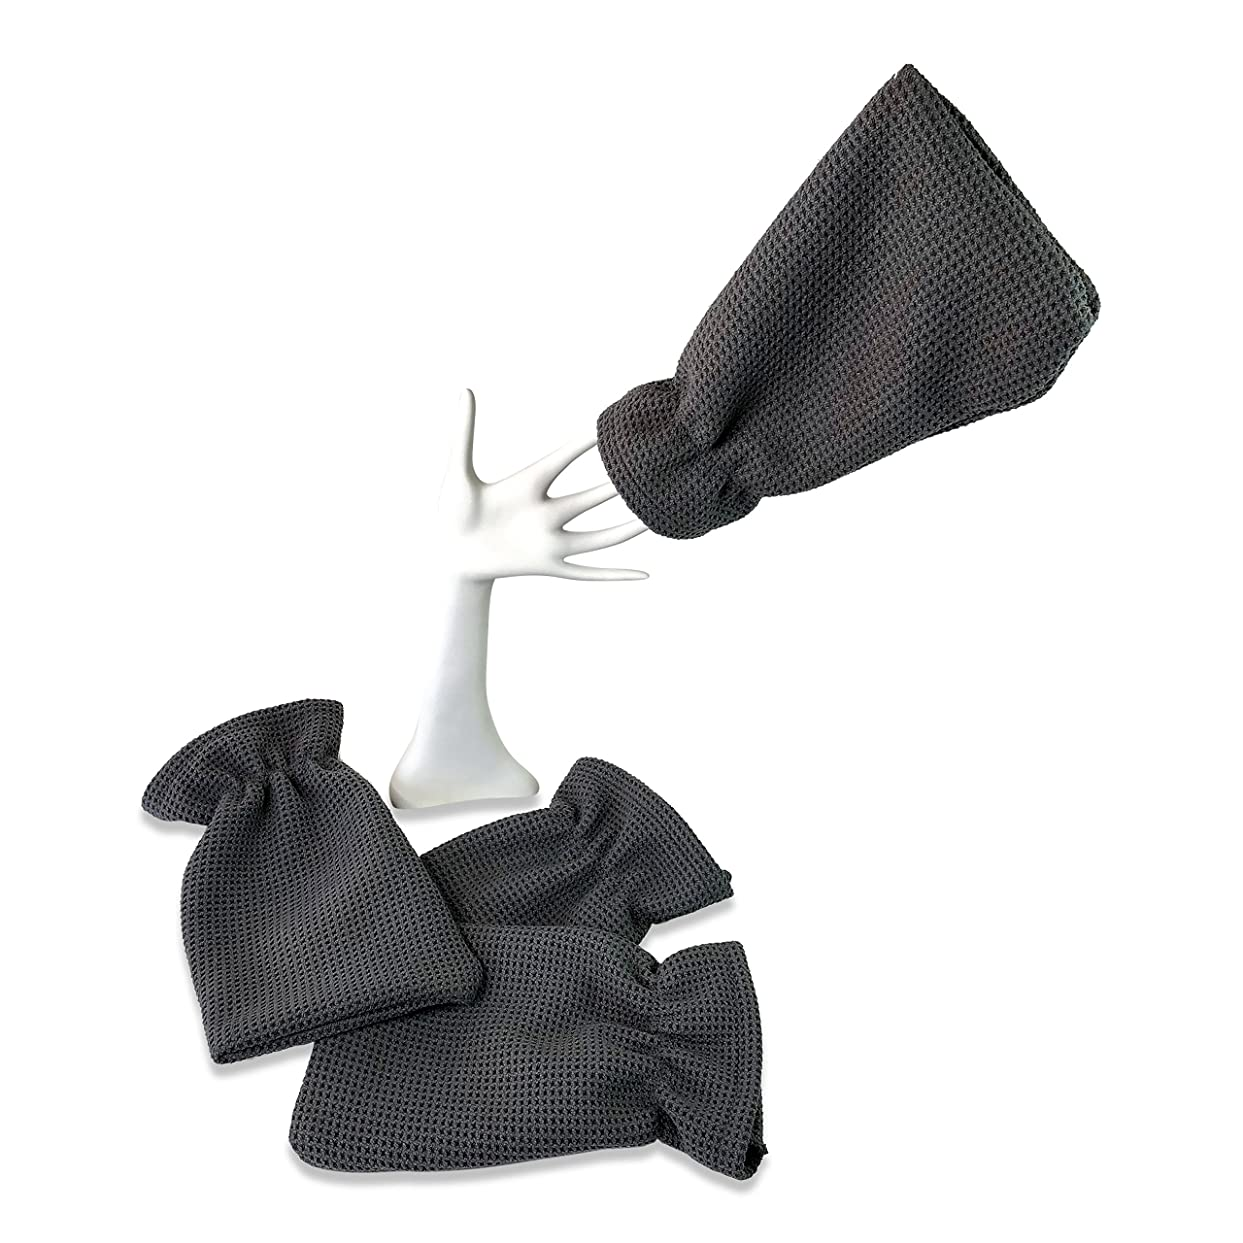 警報暖炉来て4パックwaffletuffタオルHand Mitts?–?Theタオルthat fits like a glove?–?マイクロファイバータオルカバー手?–?Washes without Soap?–?Clean車またはAround家?–?深いクリーニングNonabrasiveワッフル織り 4 pack CKC801G-4